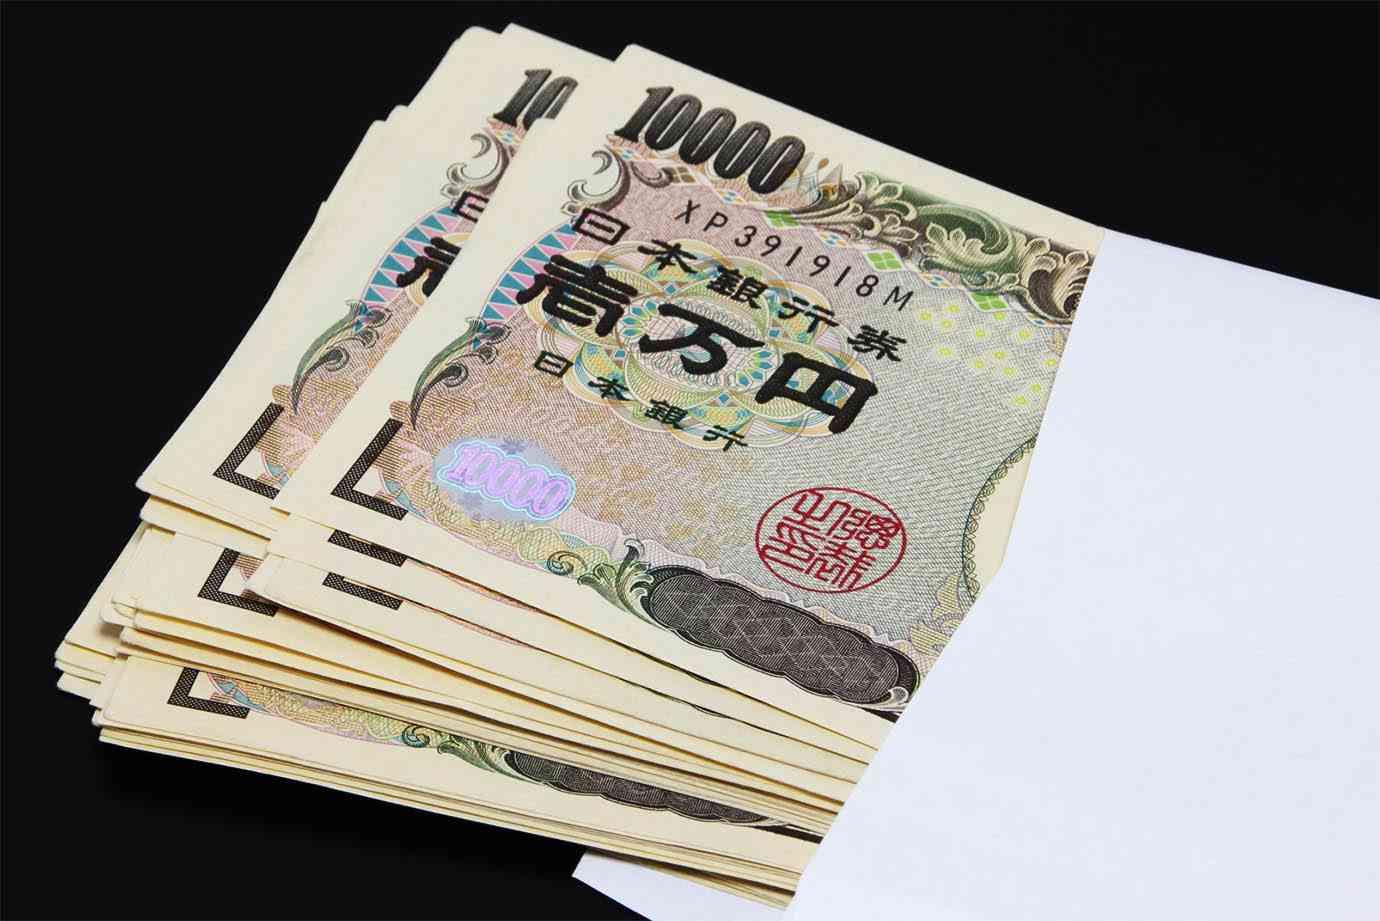 【衝撃】NHK集金人を撮影して投稿すれば30万円もらえるコンテスト開始 / 区議会議員が企画「NHKは最高裁で勝って調子に乗ってる」 | バズプラスニュース Buzz+